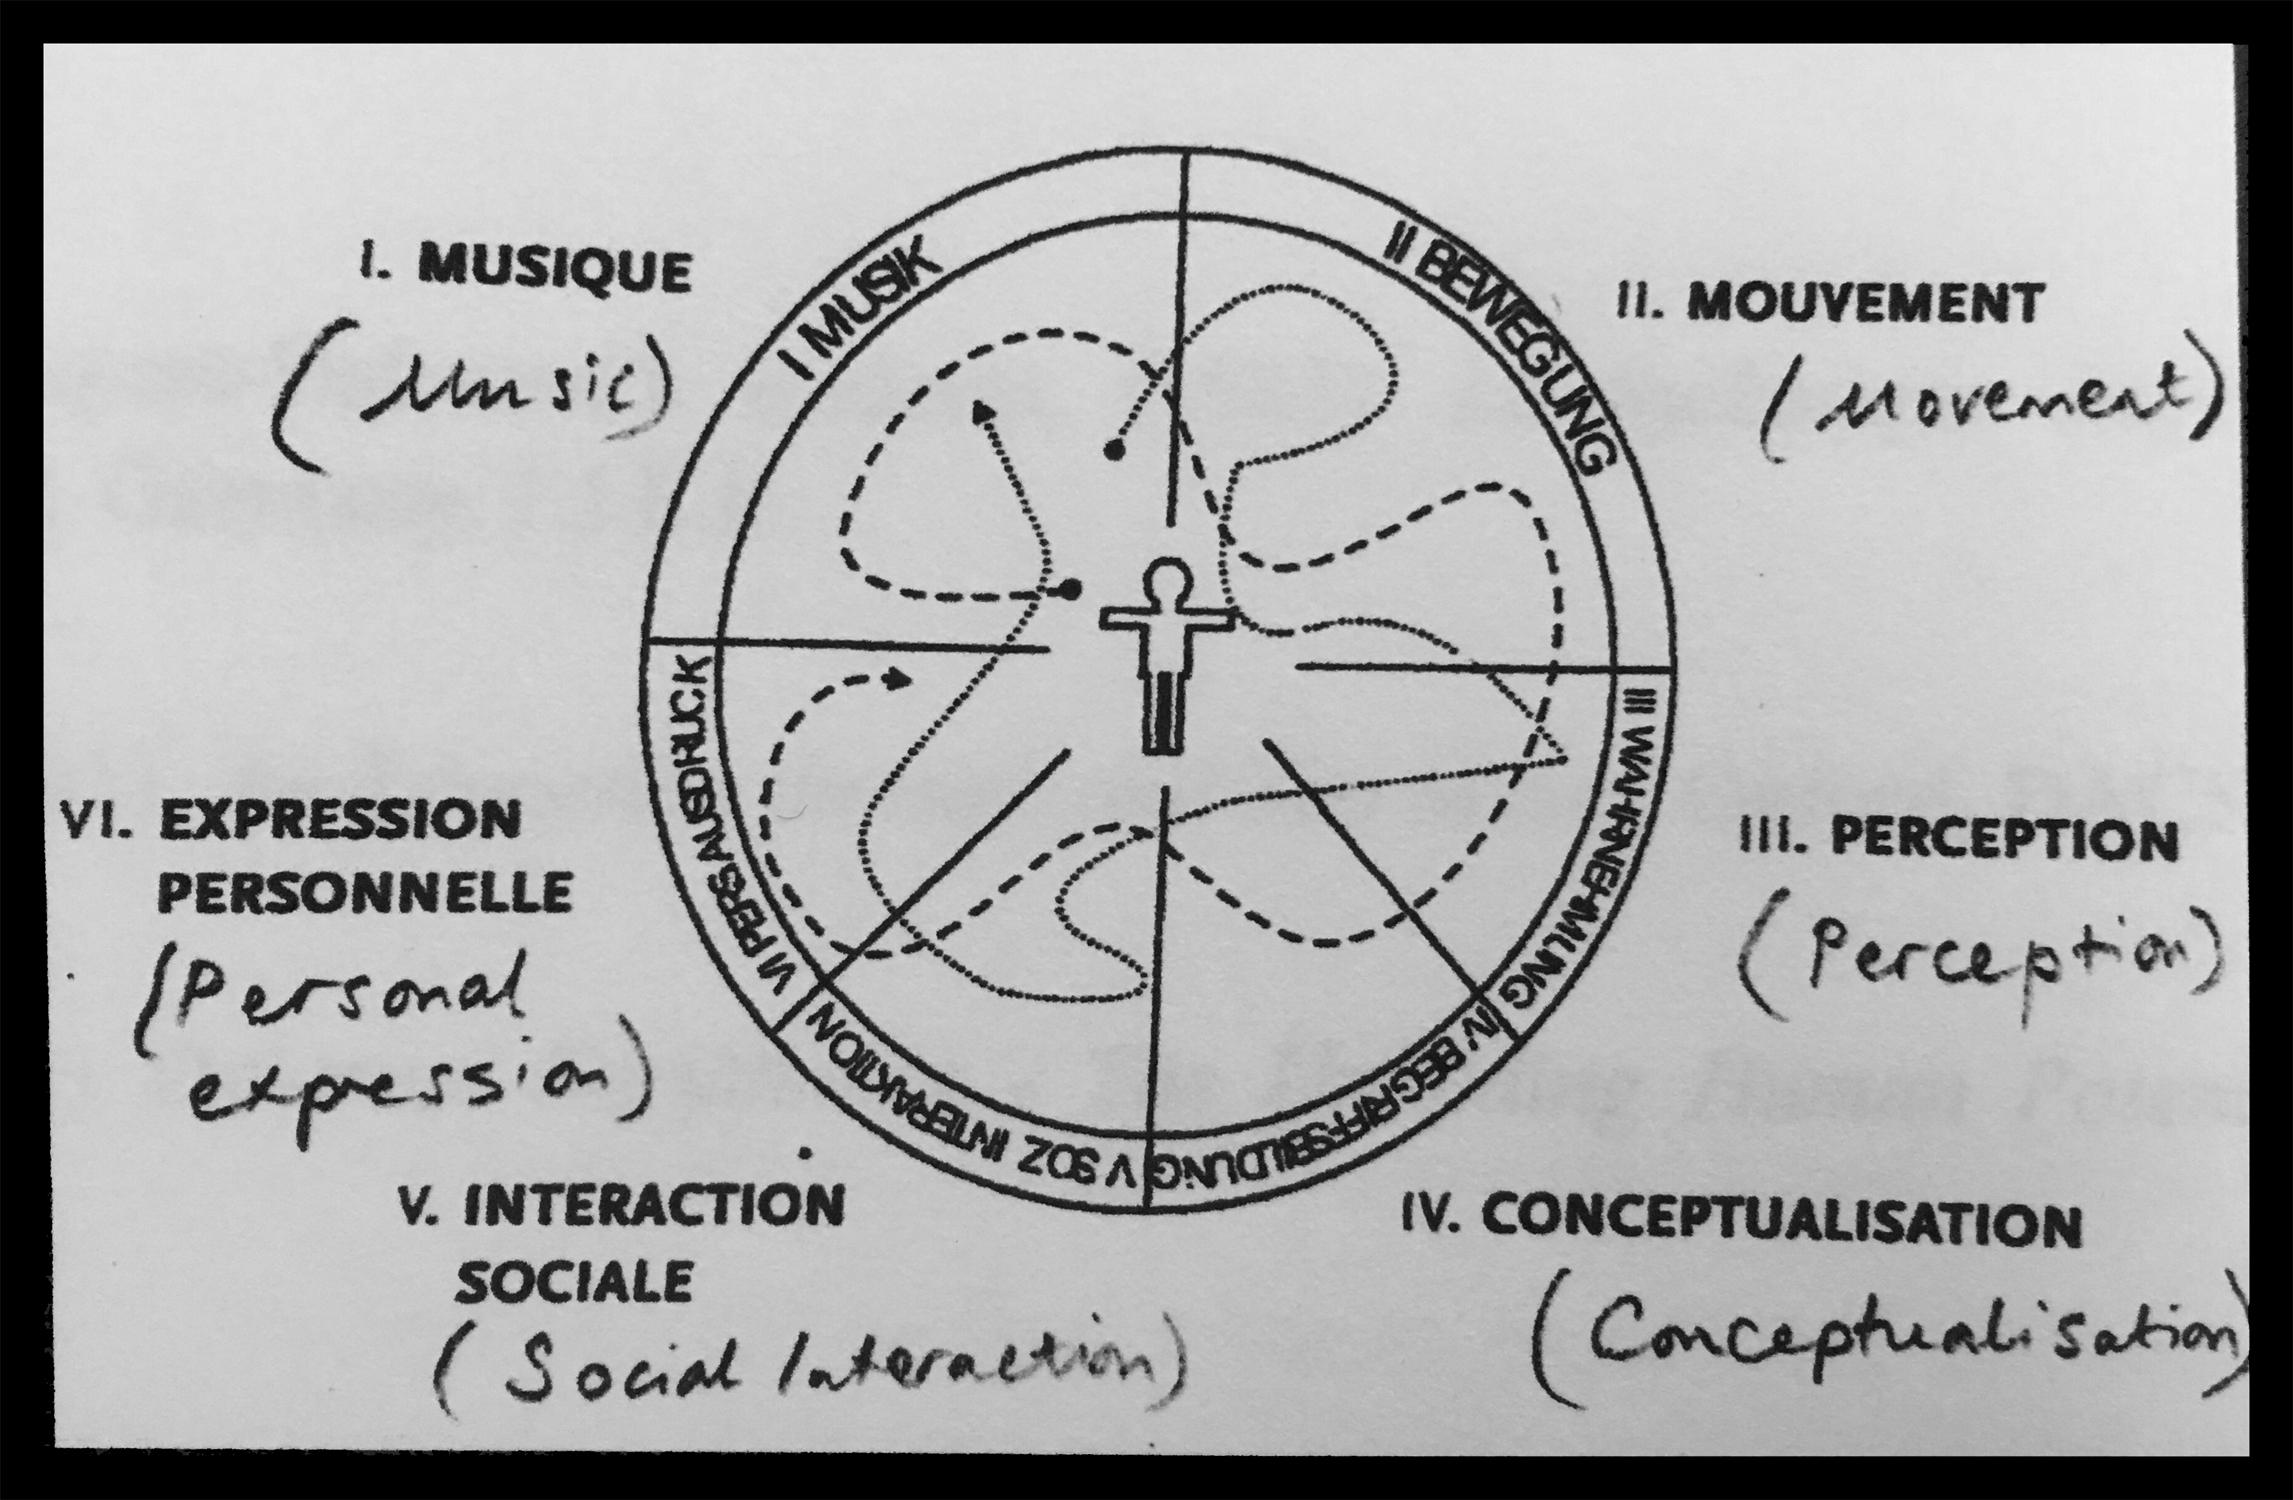 Diagram from Sandra Nash, 2015